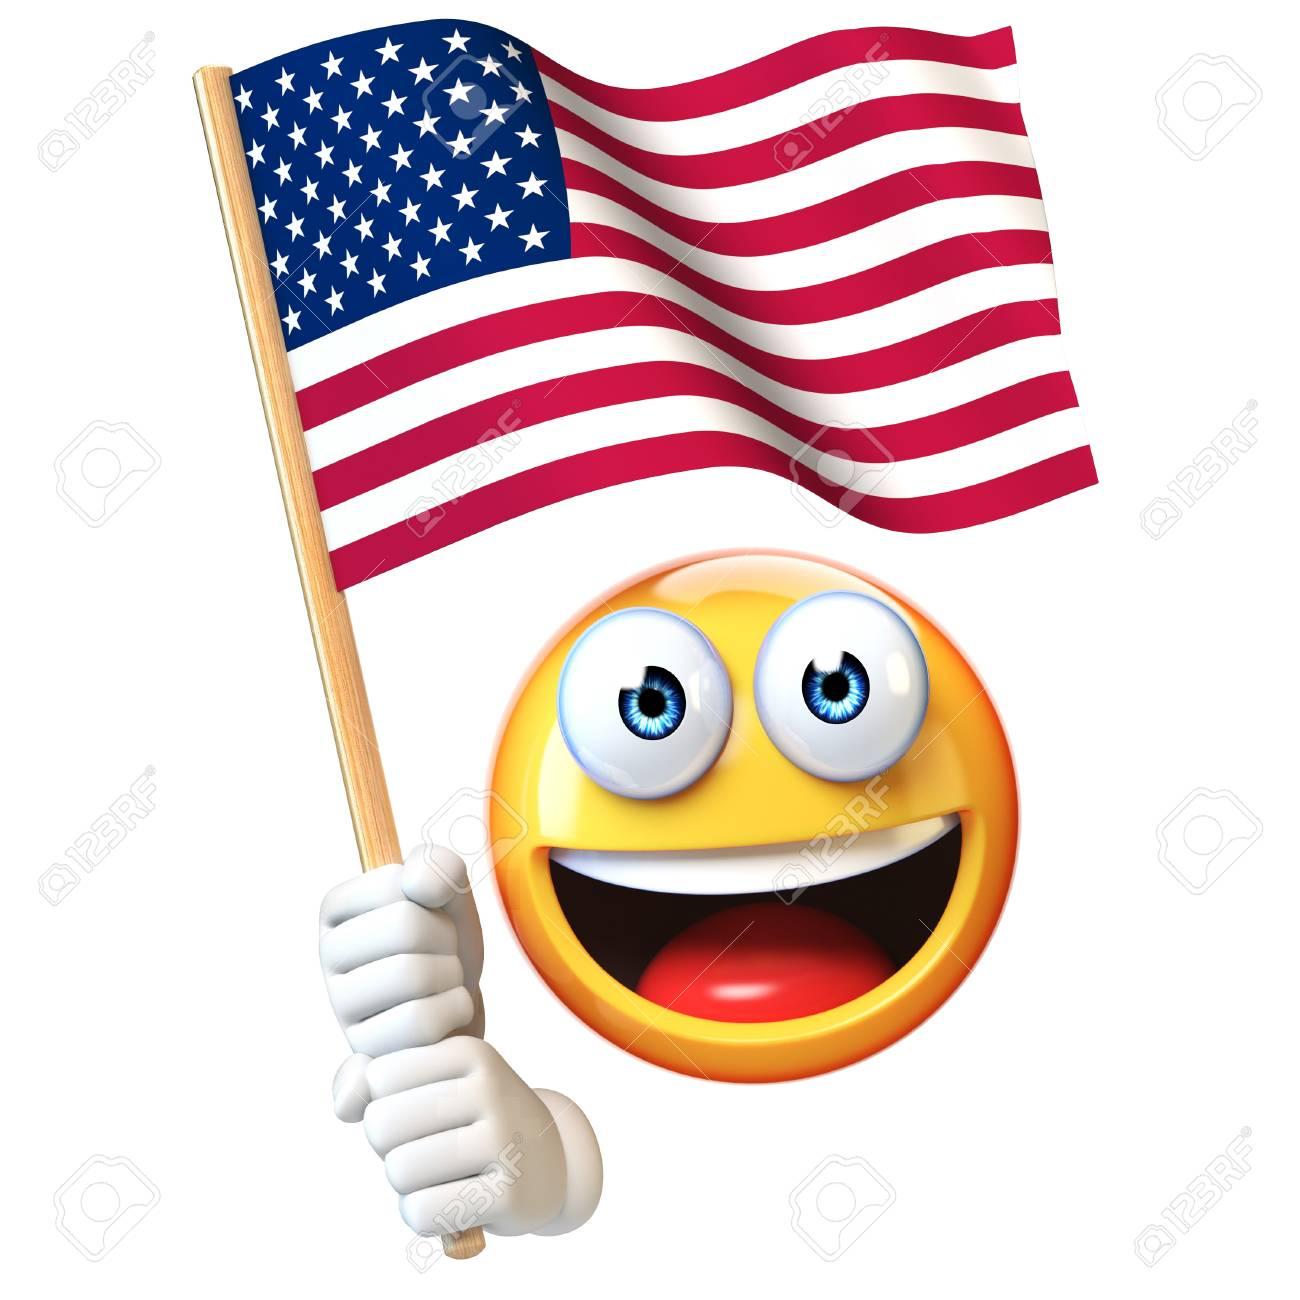 Emoji holding US flag, emoticon waving national flag of United